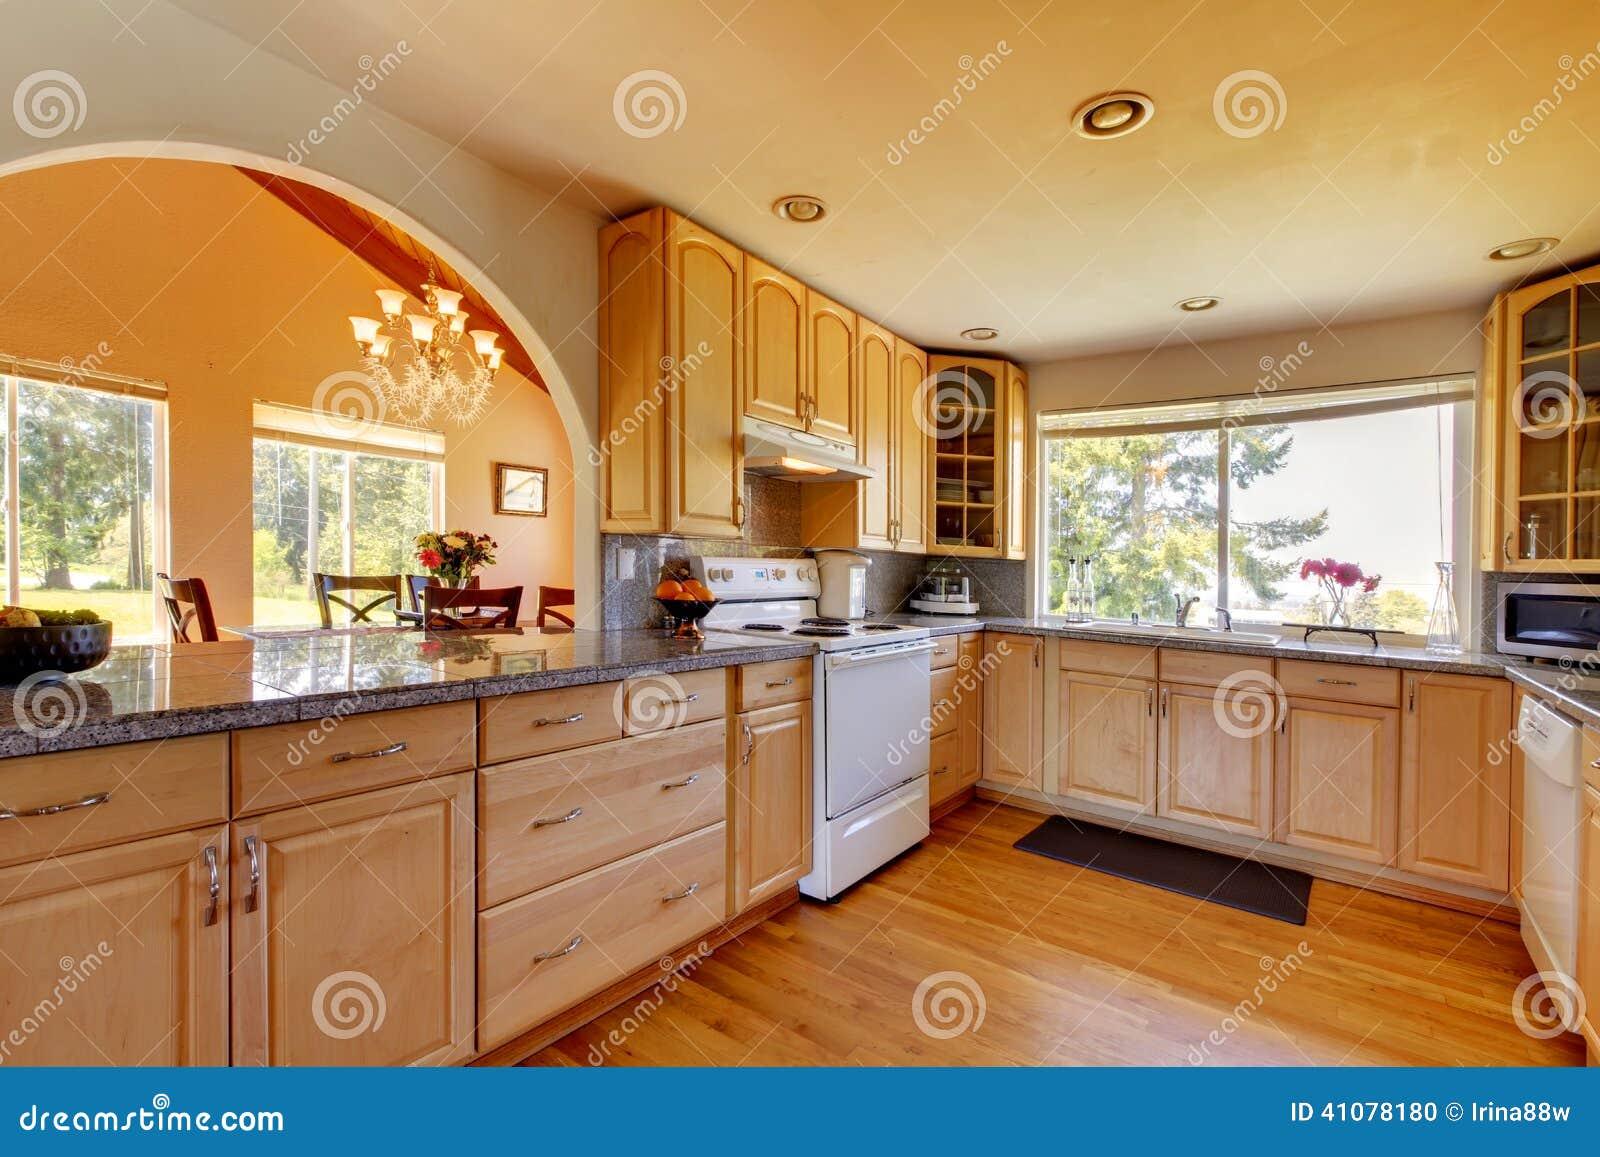 Bello Interiore Della Cucina Fotografia Stock - Immagine di ...